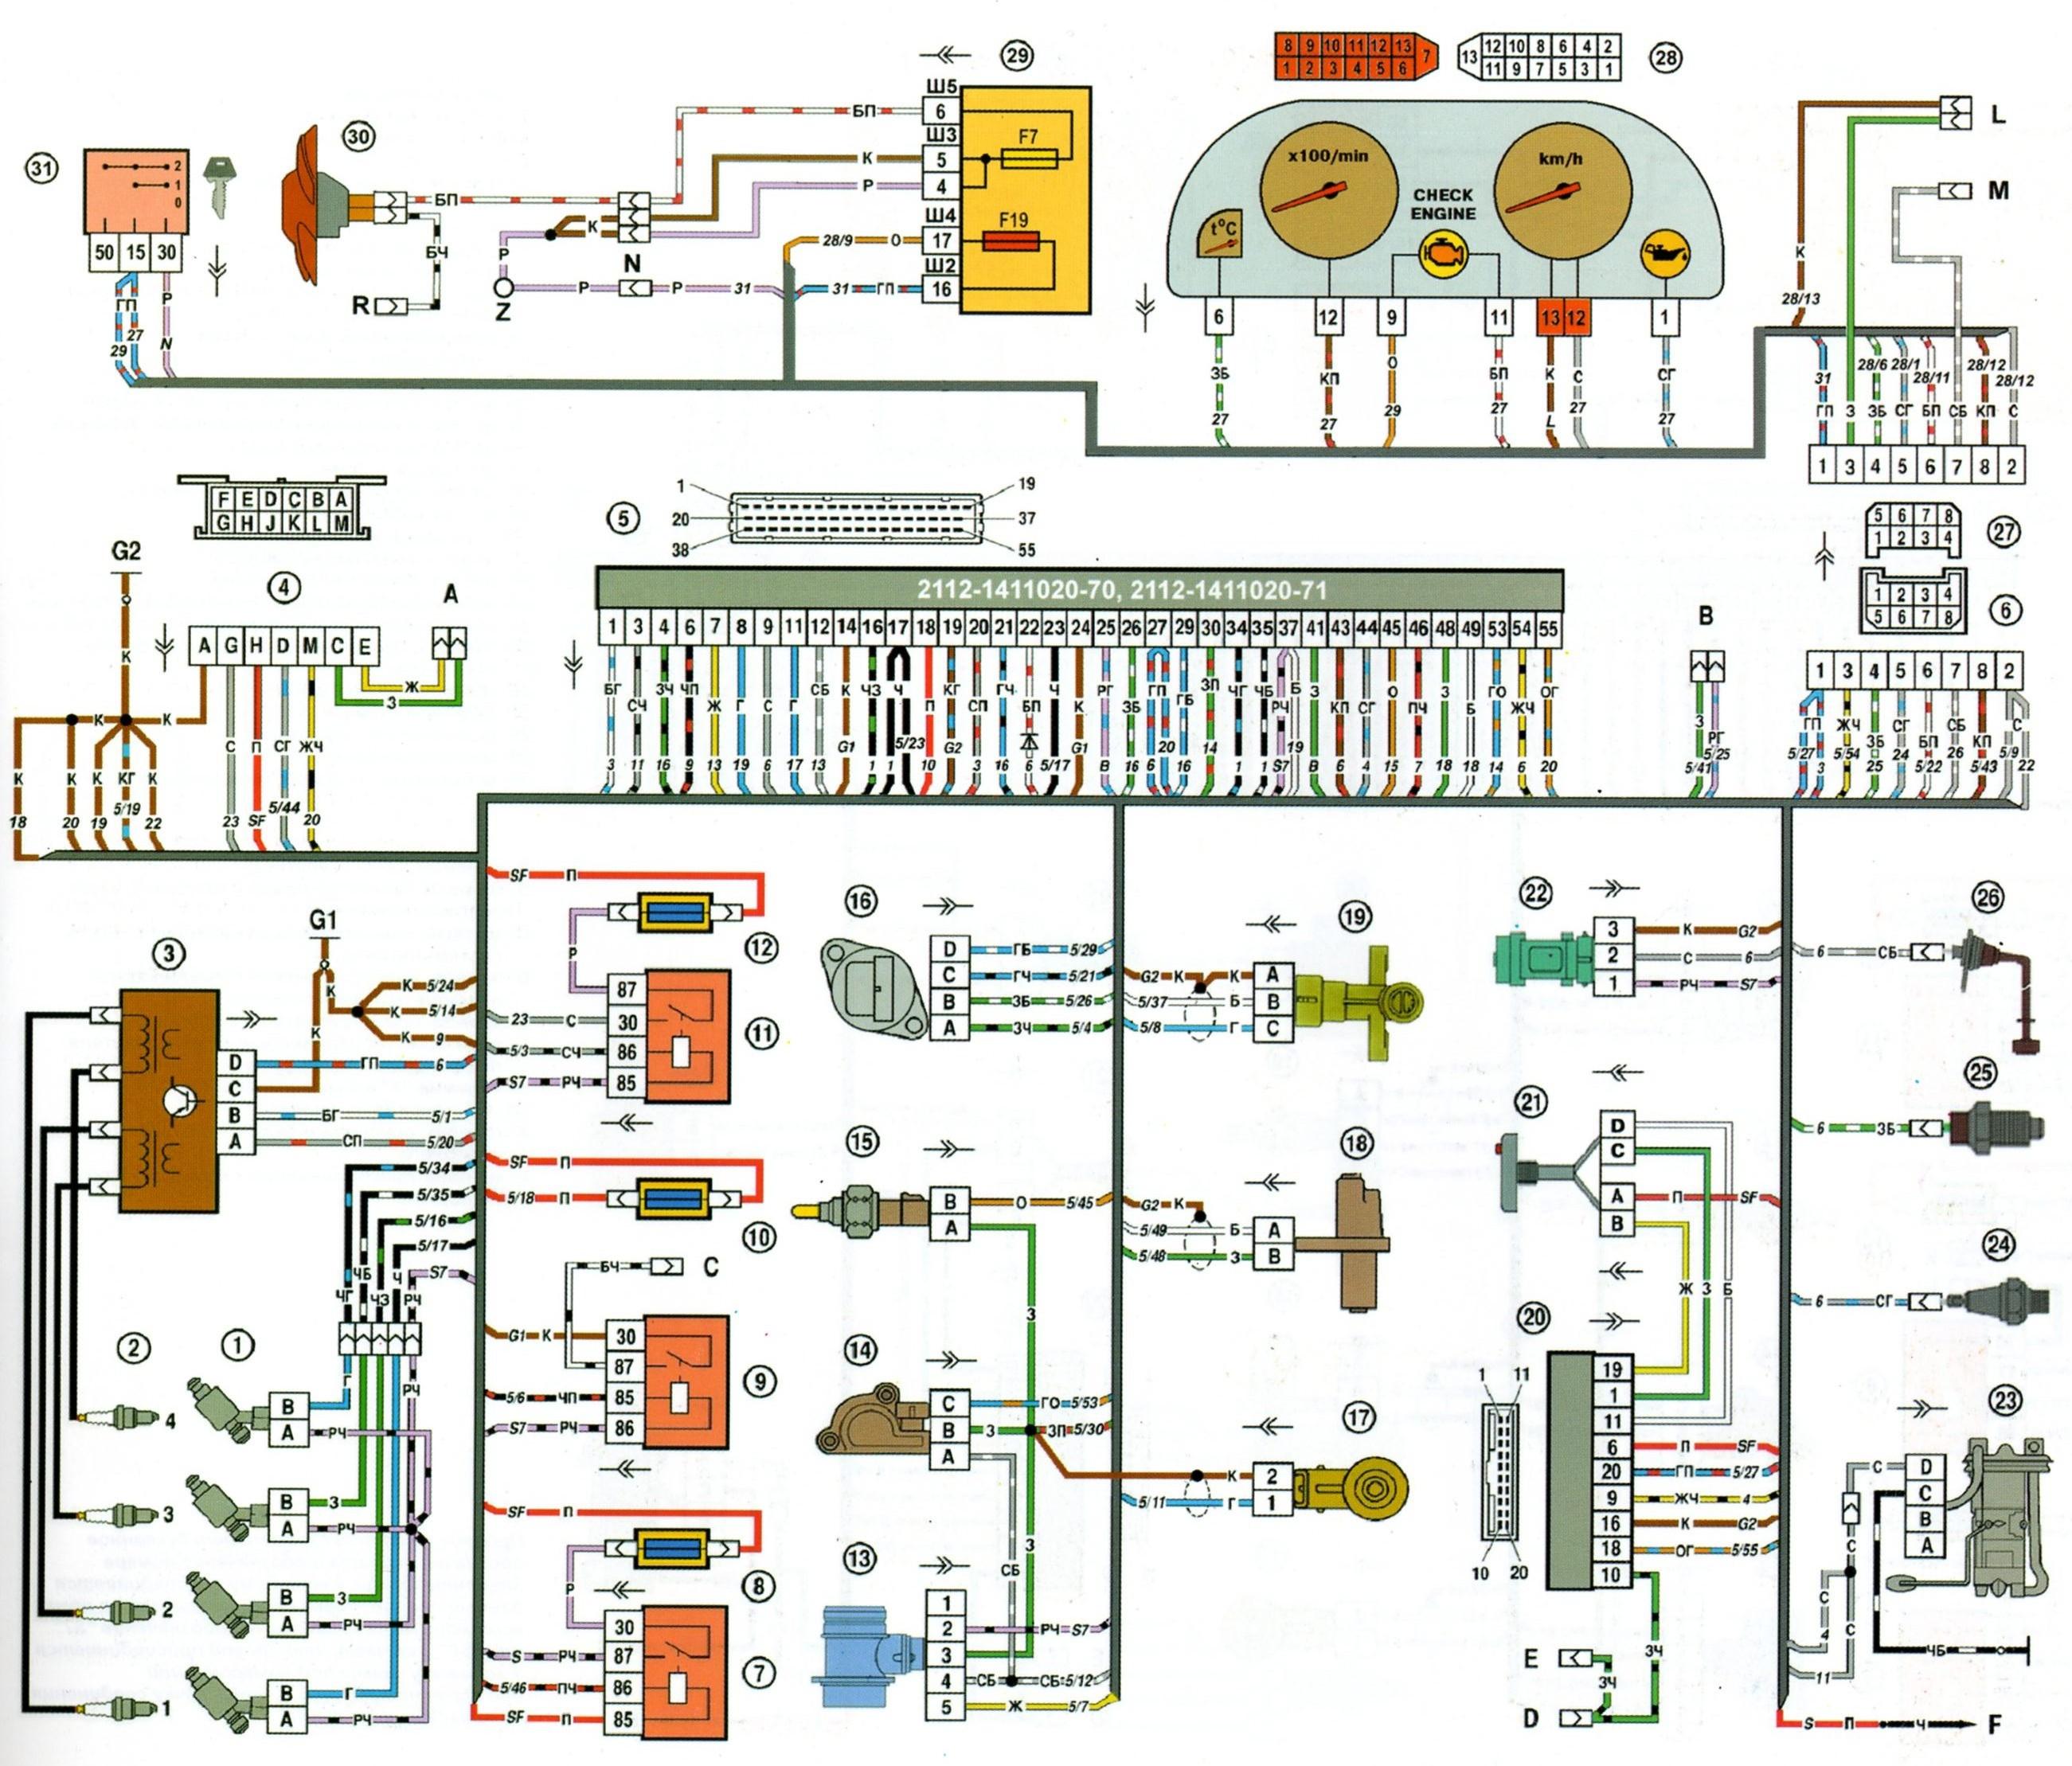 схема света ваз 2109. схемы электрооборудования вазов.